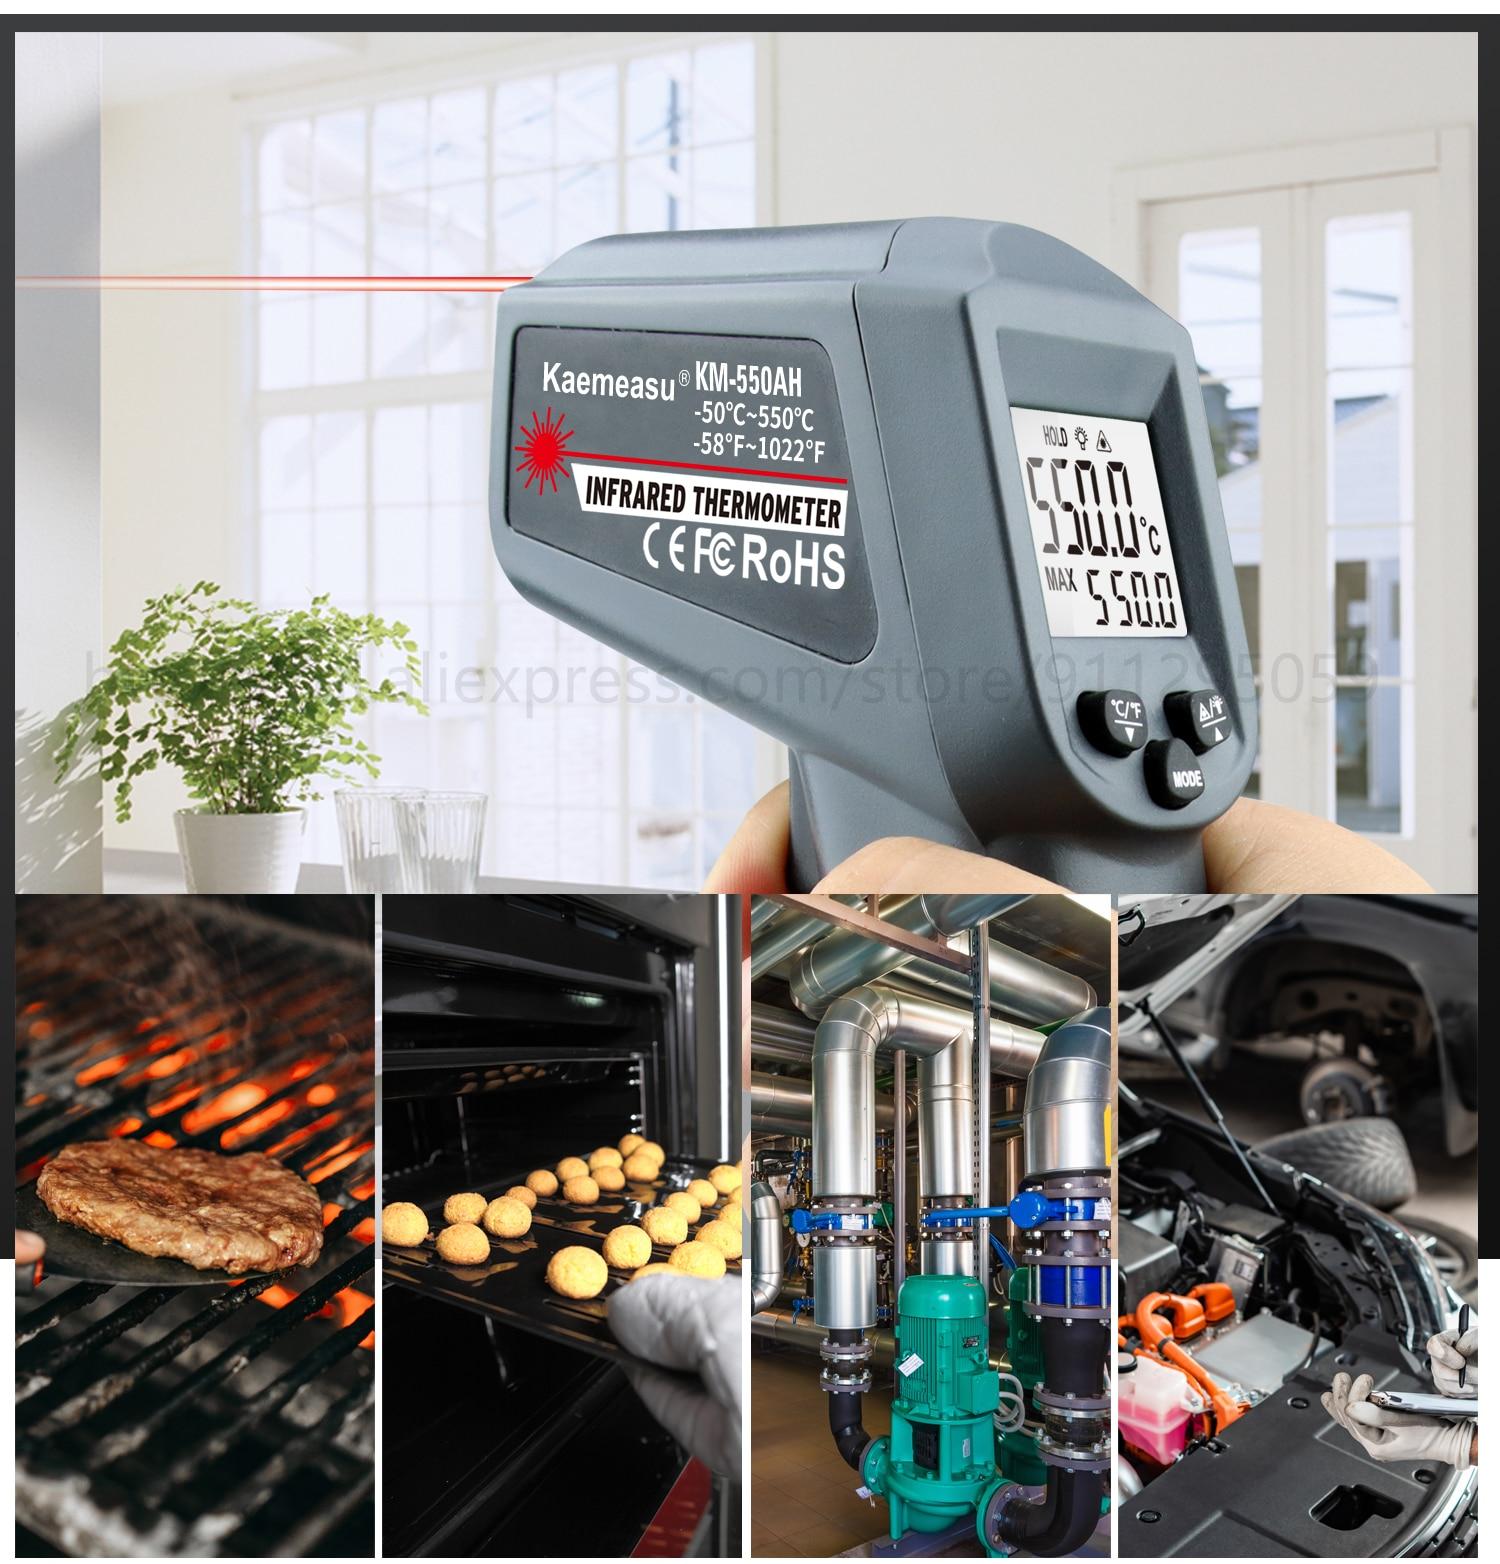 Kaemeasu Digitale Infrarood Thermometer -50 ~ 1600 Meetbereik, Non-contact, Veiligheid, Koken, industriële Elektronische Thermometer Pistool 24